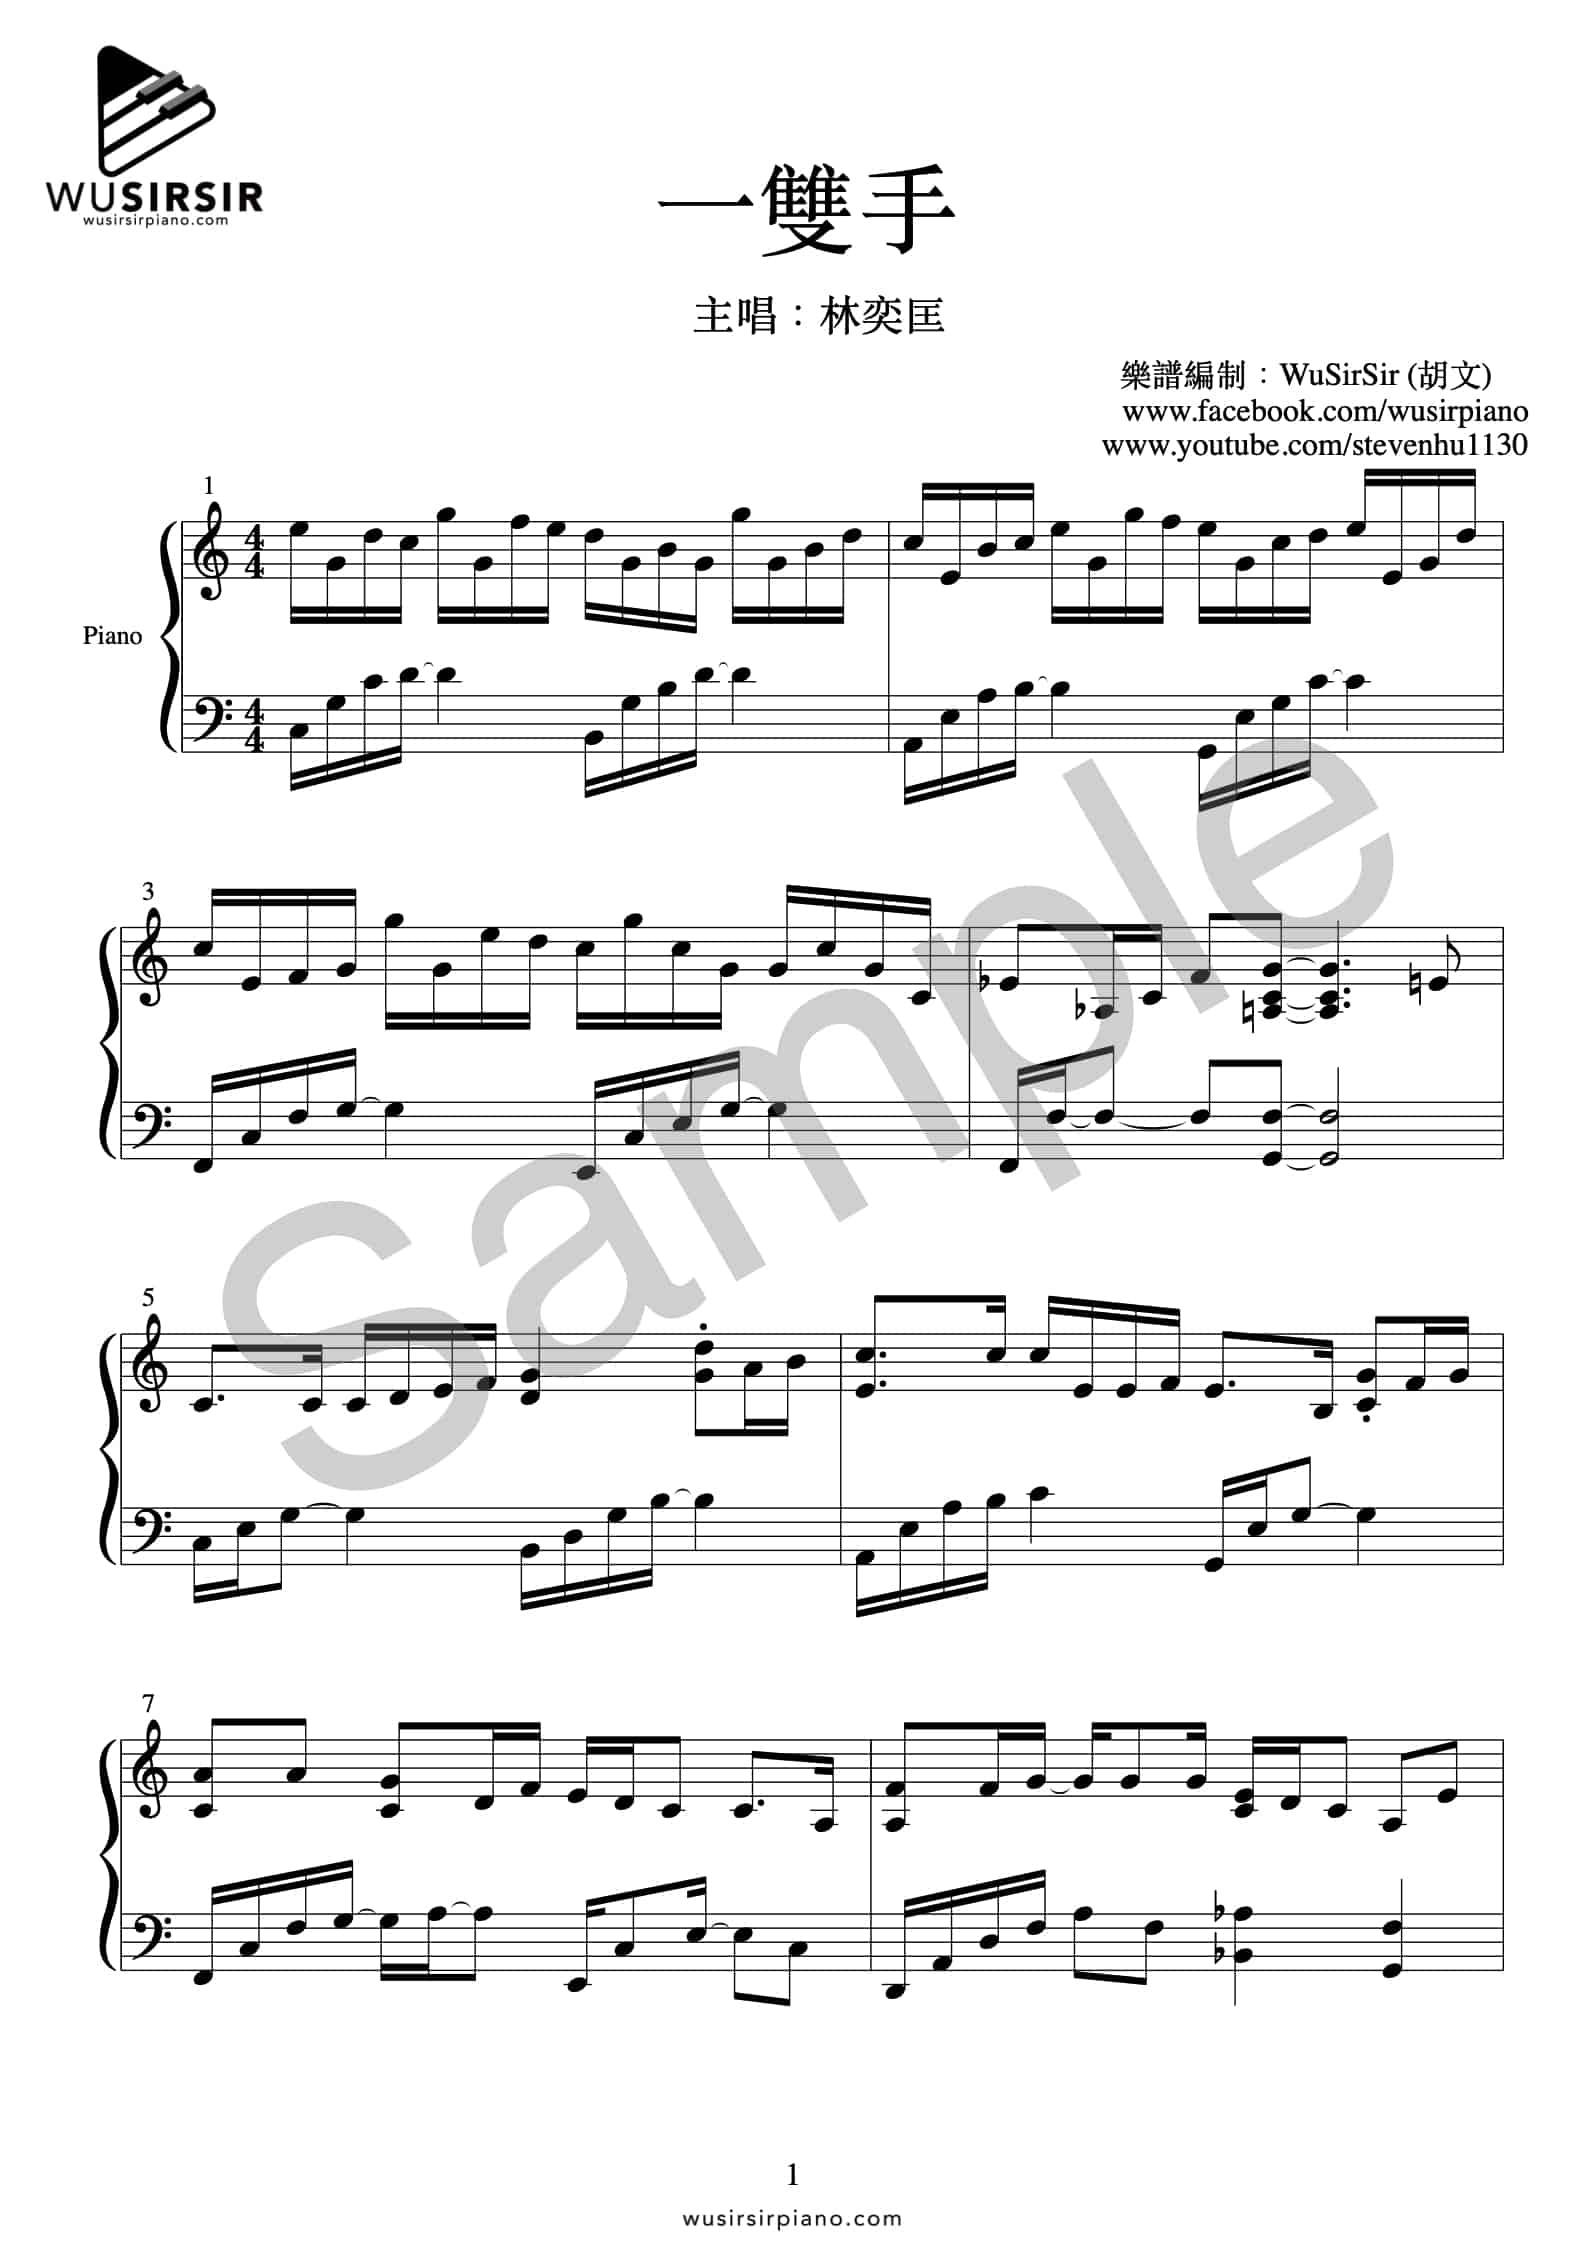 林奕匡 – 一雙手_0001 – WuSirSir Piano 琴譜教學網站